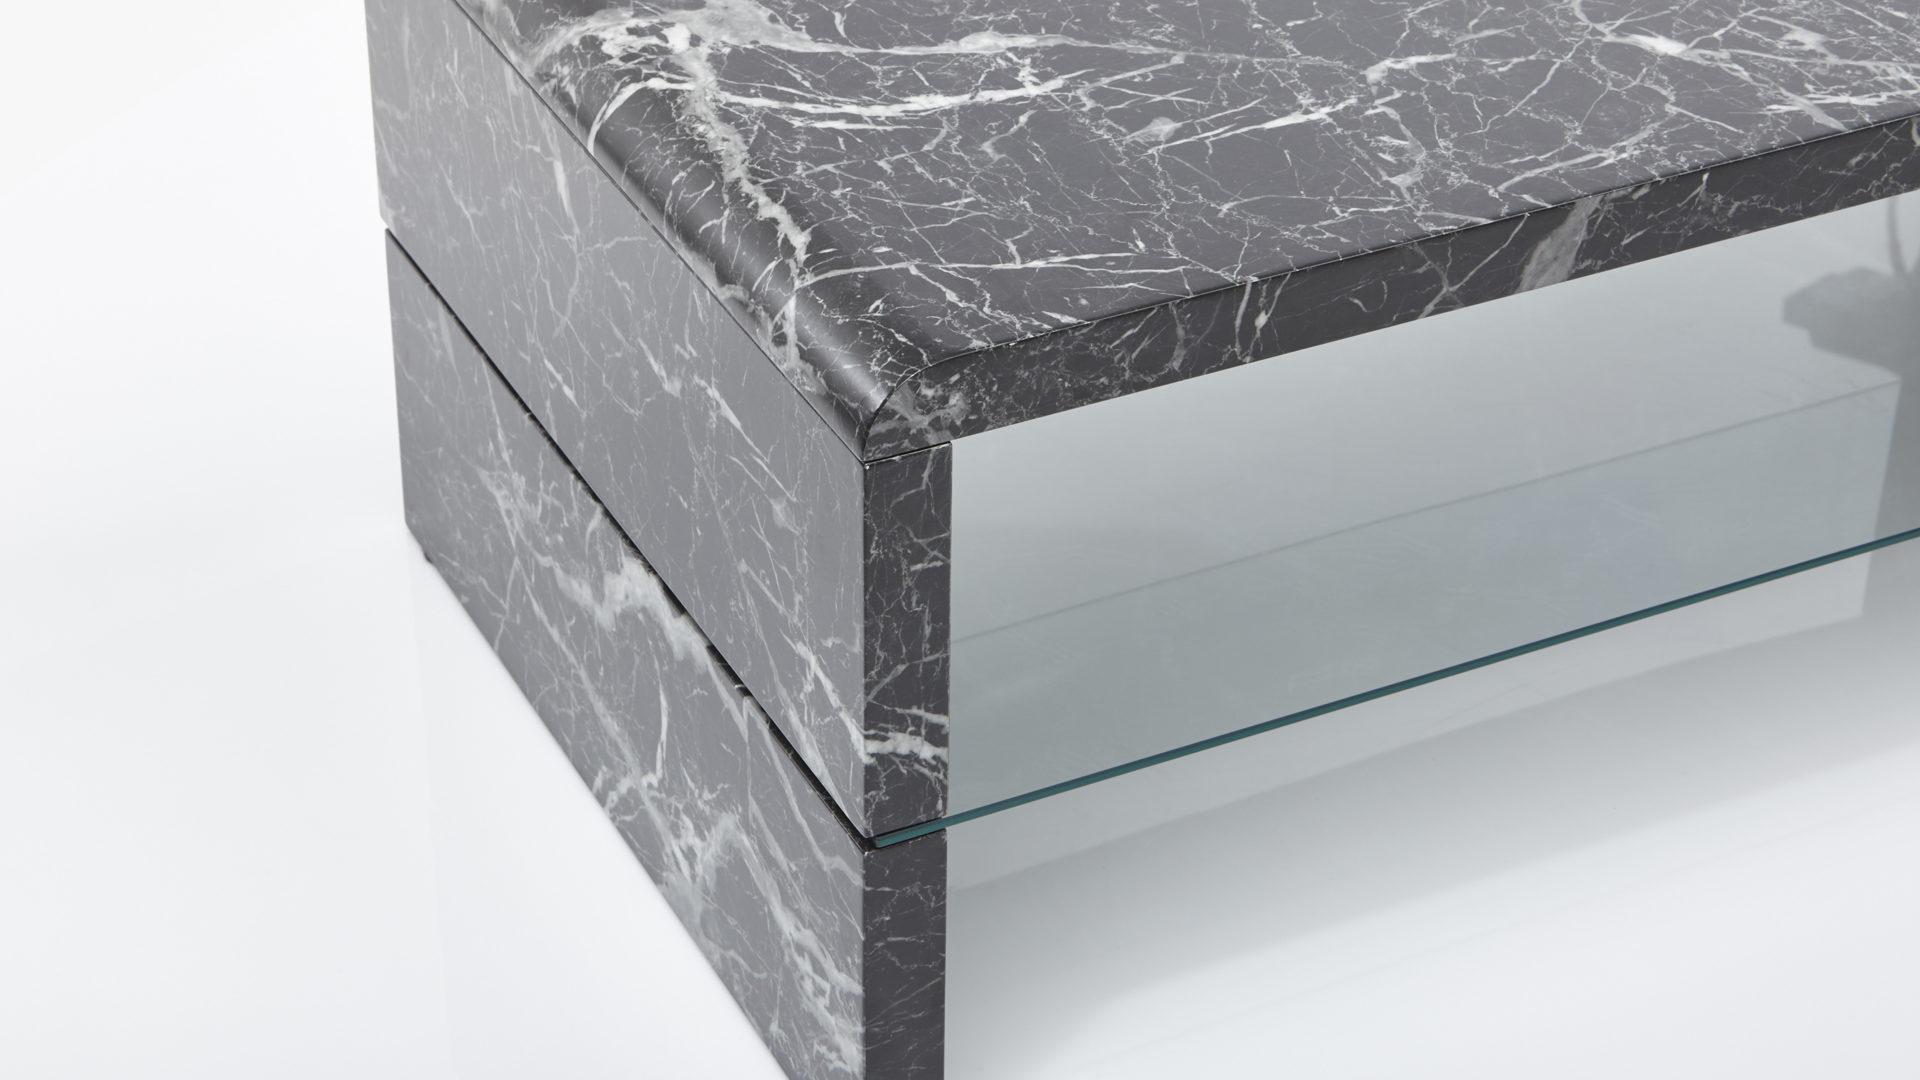 Couchtisch Bzw Sofatisch Schwarze Marmorn Nachbildung Klarglas Ca 110 X 60 Cm